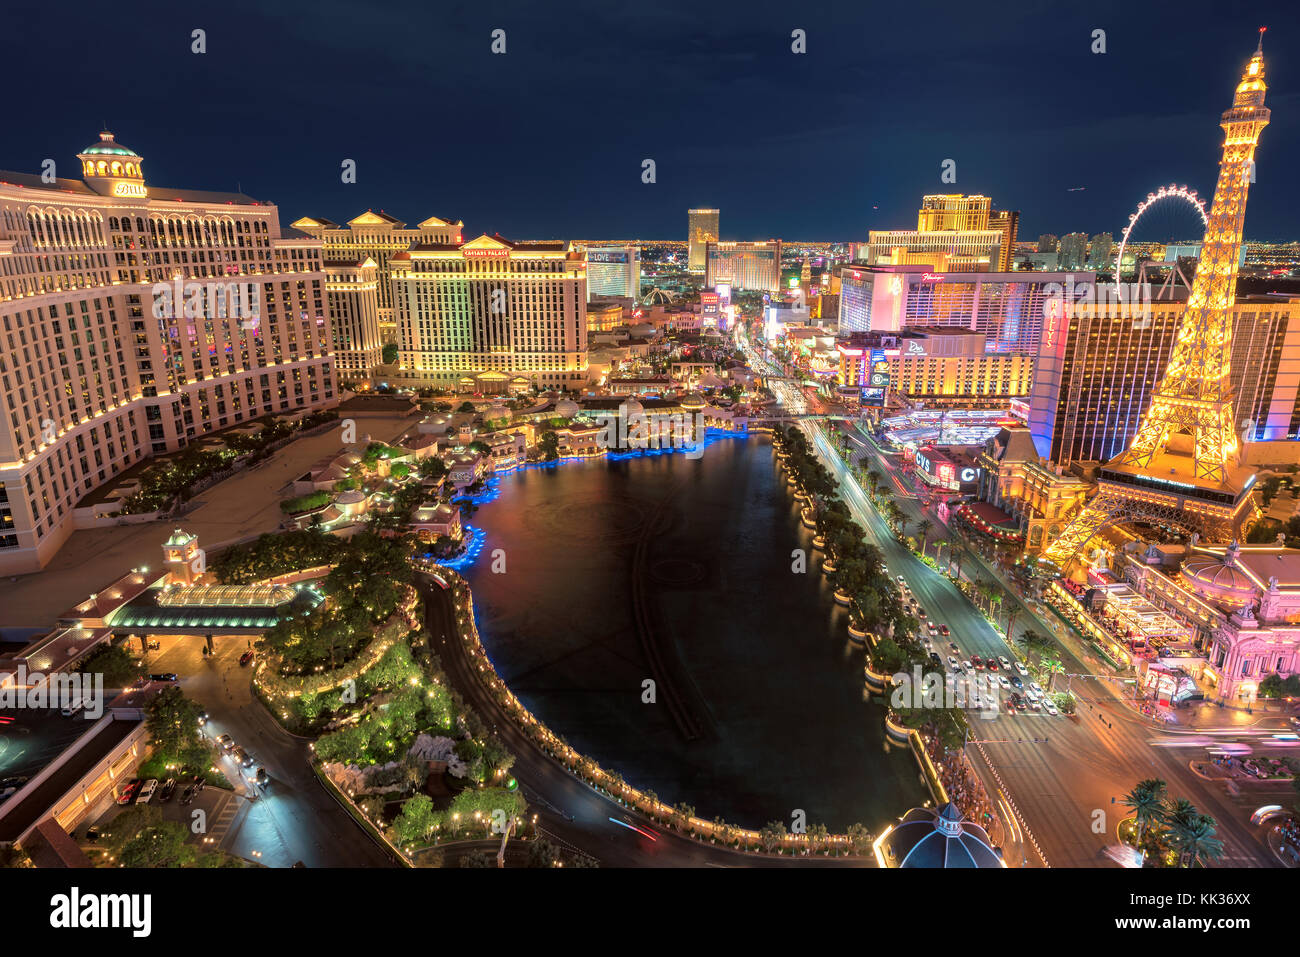 Las Vegas Strip skyline at night - Stock Image